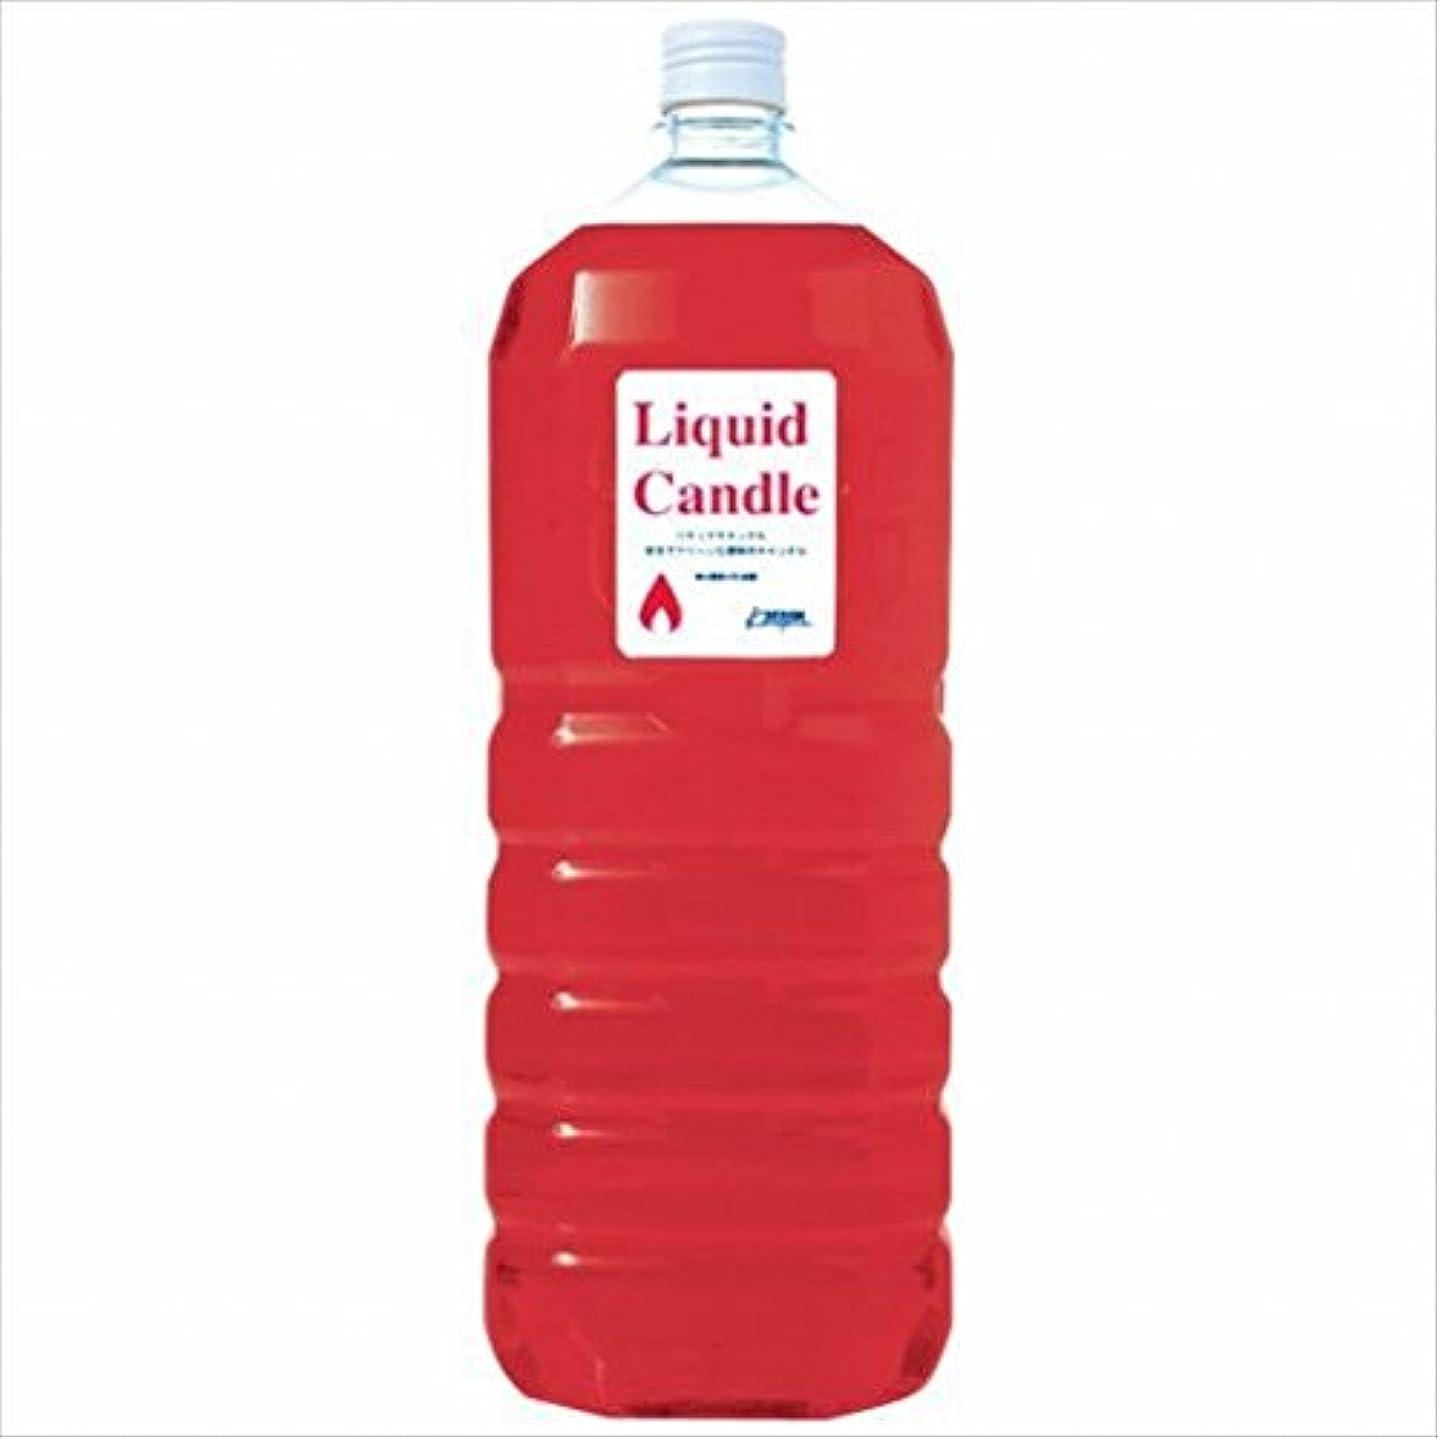 広告主実証するリベラルカメヤマキャンドル( kameyama candle ) リキッドキャンドル2リットル 「 レッド 」